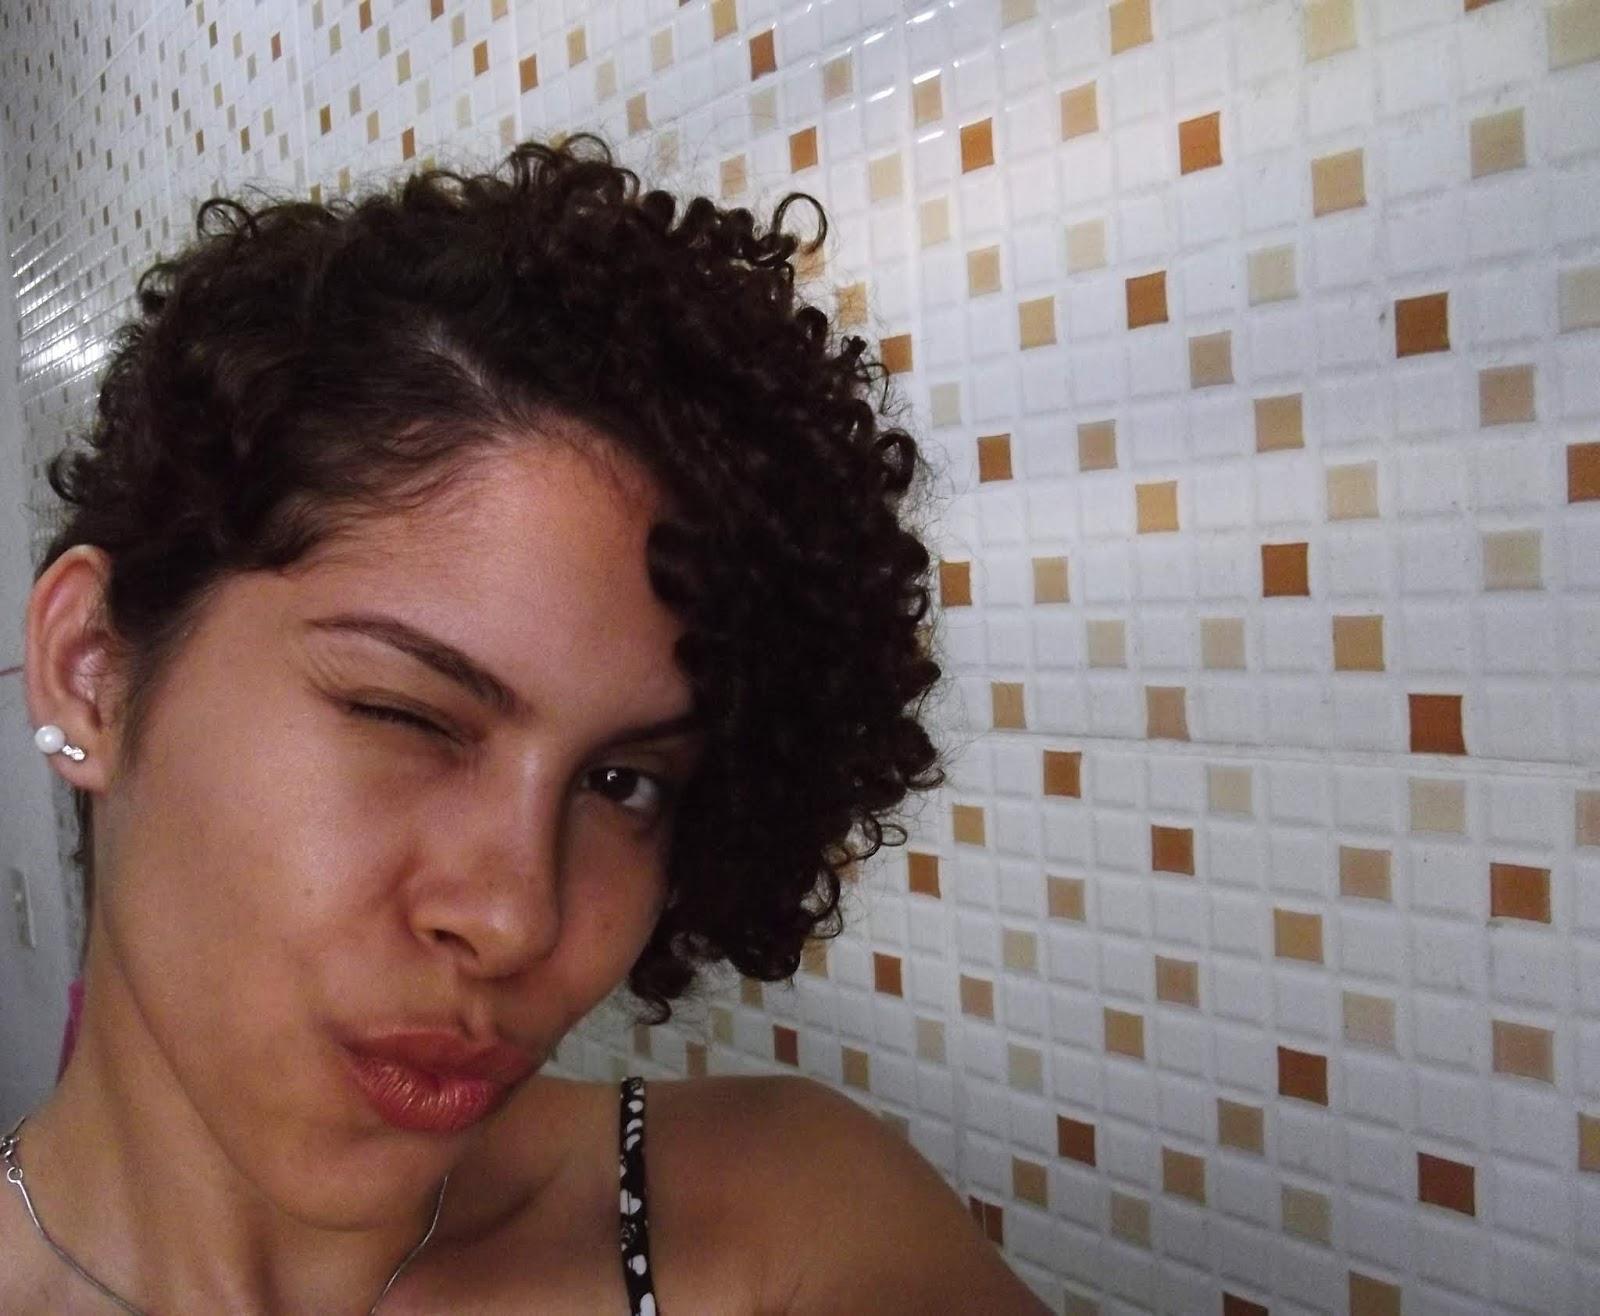 SEGUNDA TRANSIÇÃO CAPILAR + QUASE BIG CHOP, kahchear, transição capilar, como eliminar toda a parte com tinta do cabelo, transição capilar para retirar tintura do cabelo, big chop, cabelo cacheado, cabelo crespo,